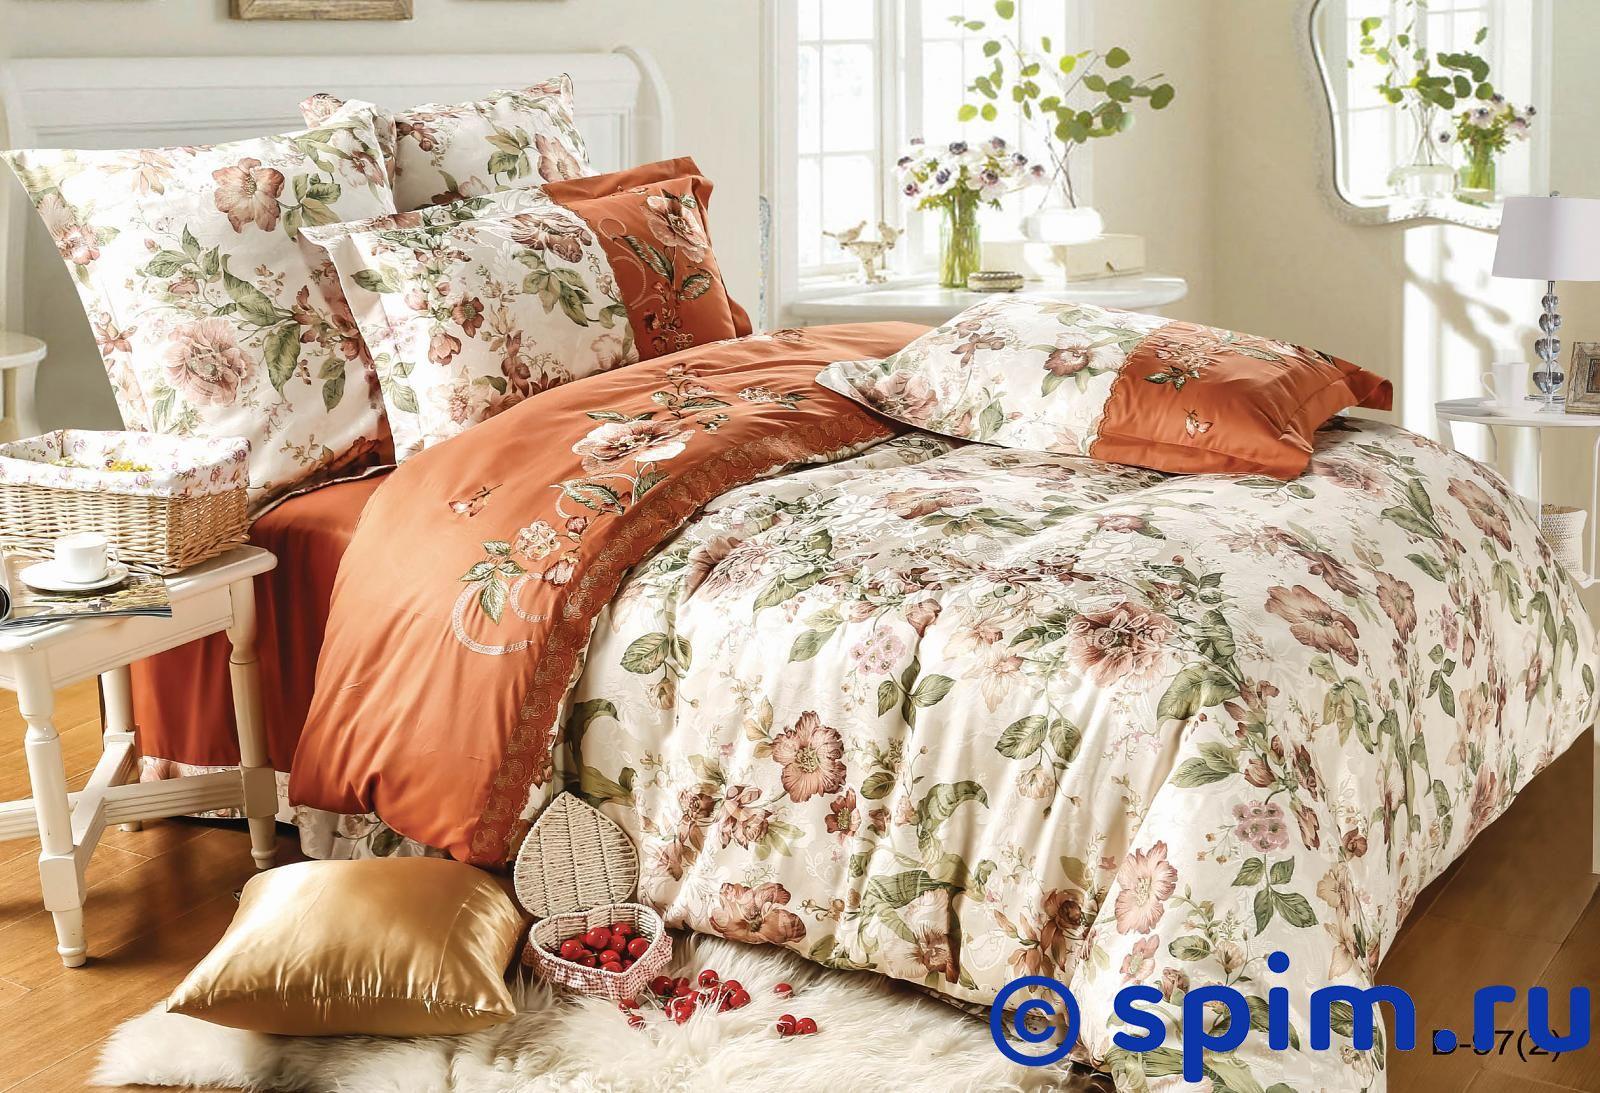 Комплект СайлиД D97 (2) 2 спальное